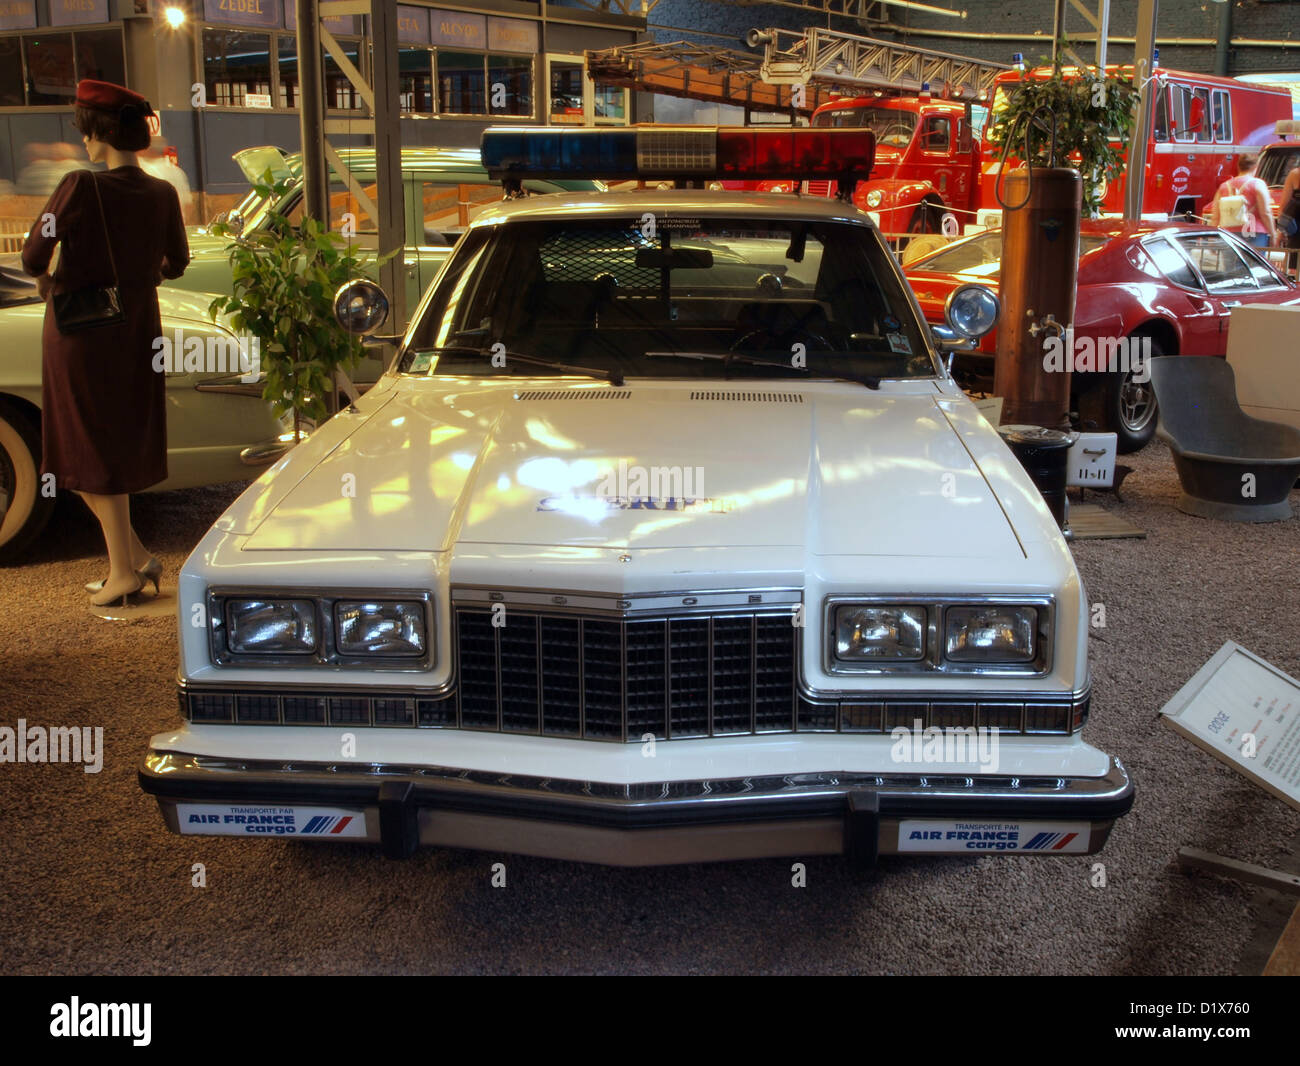 diplomat car stock photos diplomat car stock images alamy. Black Bedroom Furniture Sets. Home Design Ideas